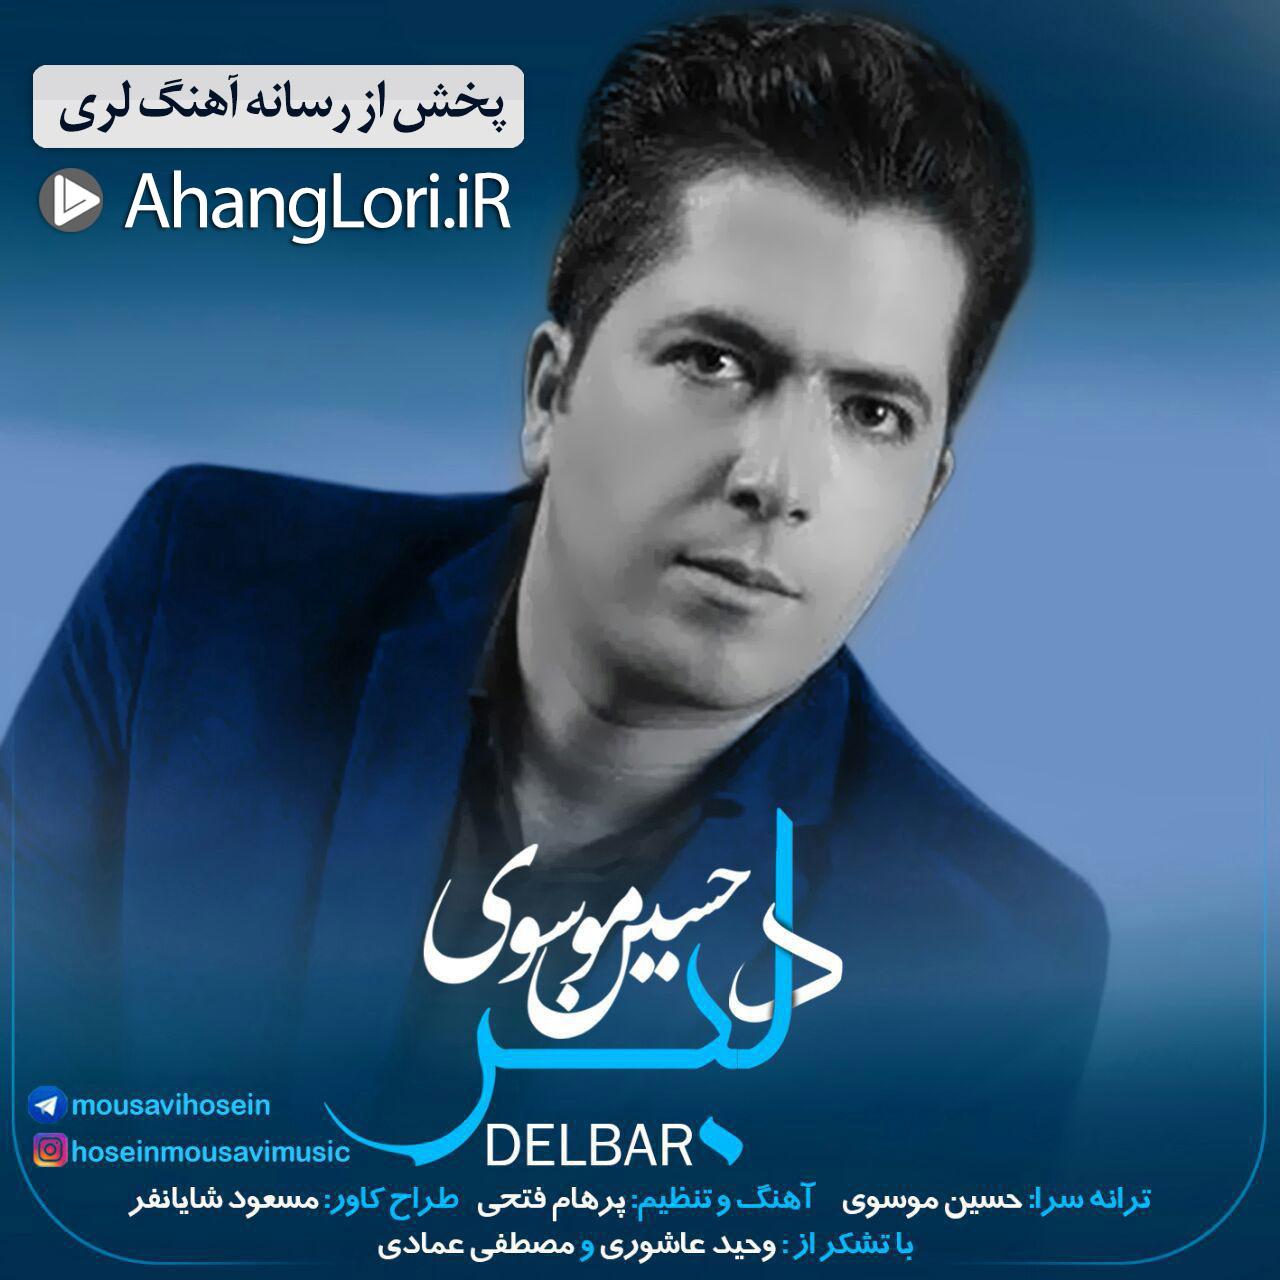 دانلود آهنگ جدید حسین موسوی به نام دلبر